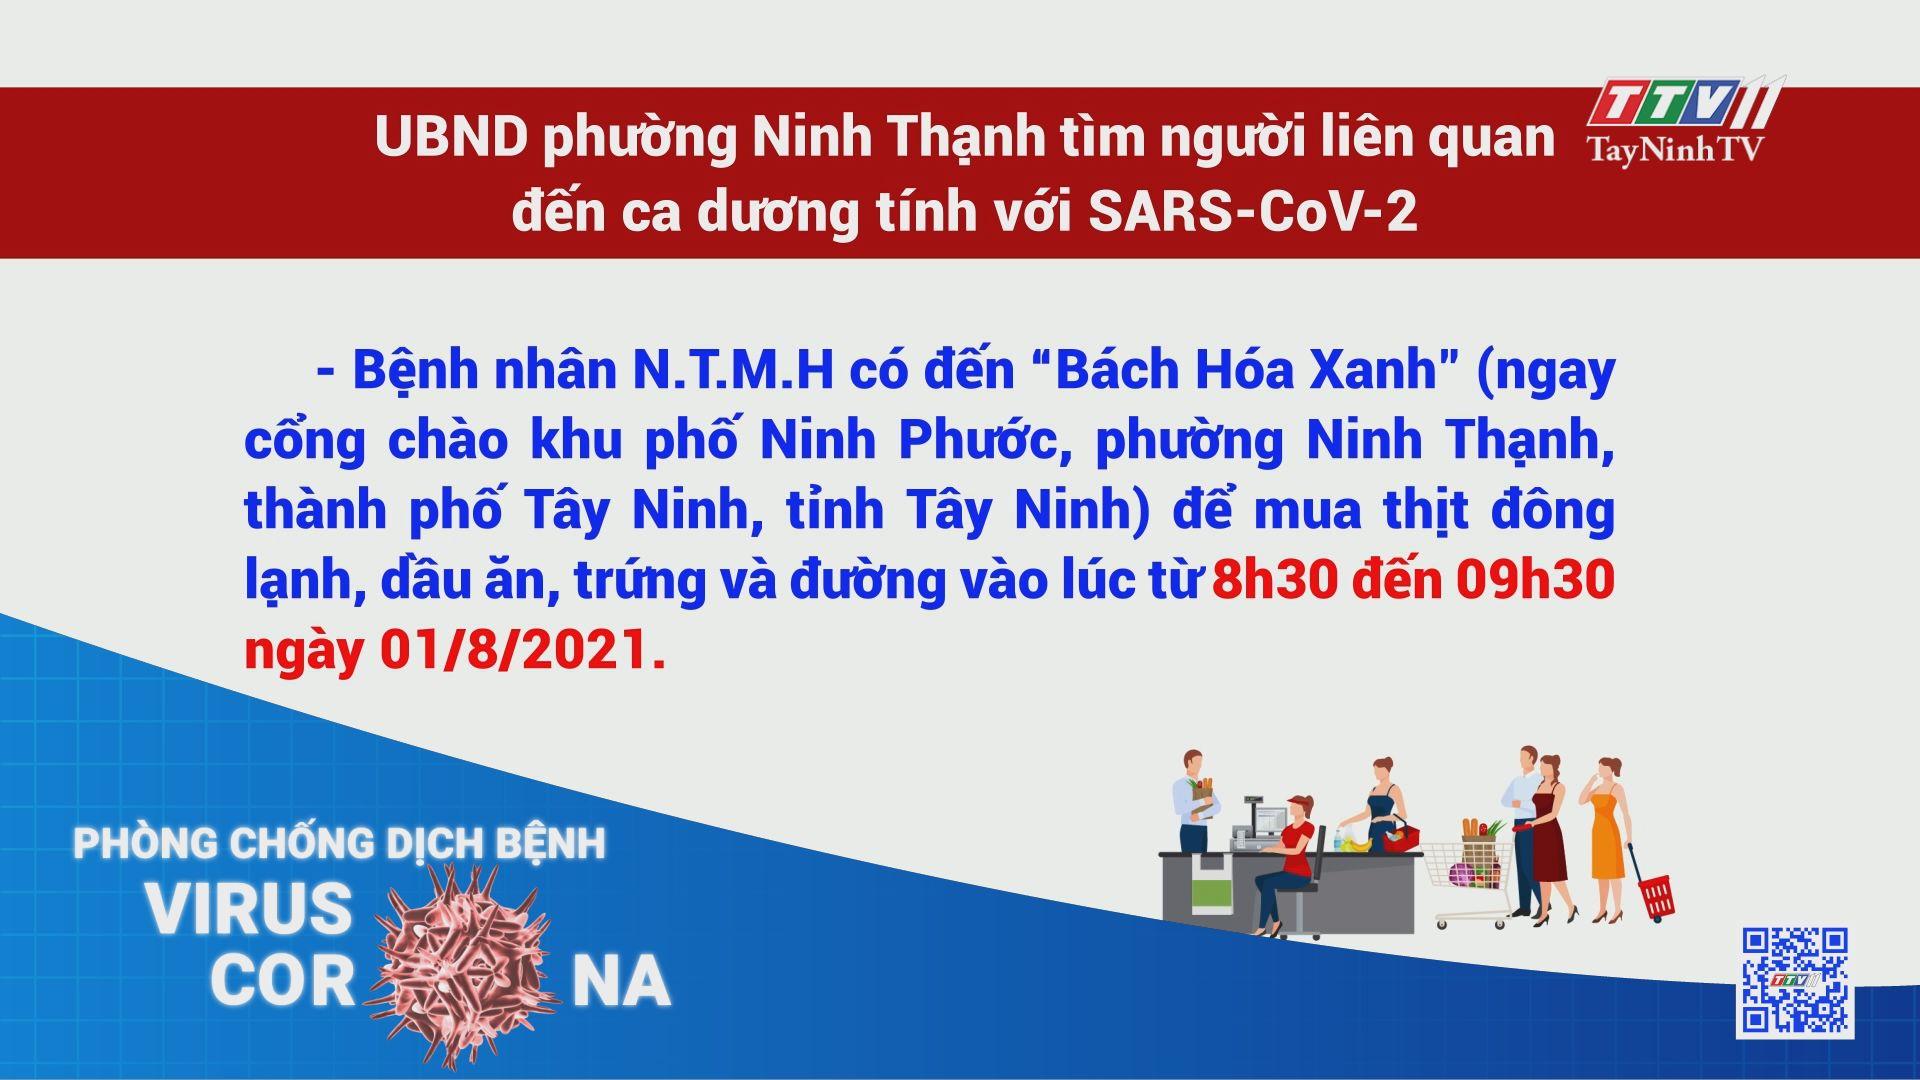 UBND phường Ninh Thạnh, thành phố Tây Ninh thông báo khẩn rà soát người tại các khu vực | THÔNG TIN DỊCH COVID-19 | TayNinhTV